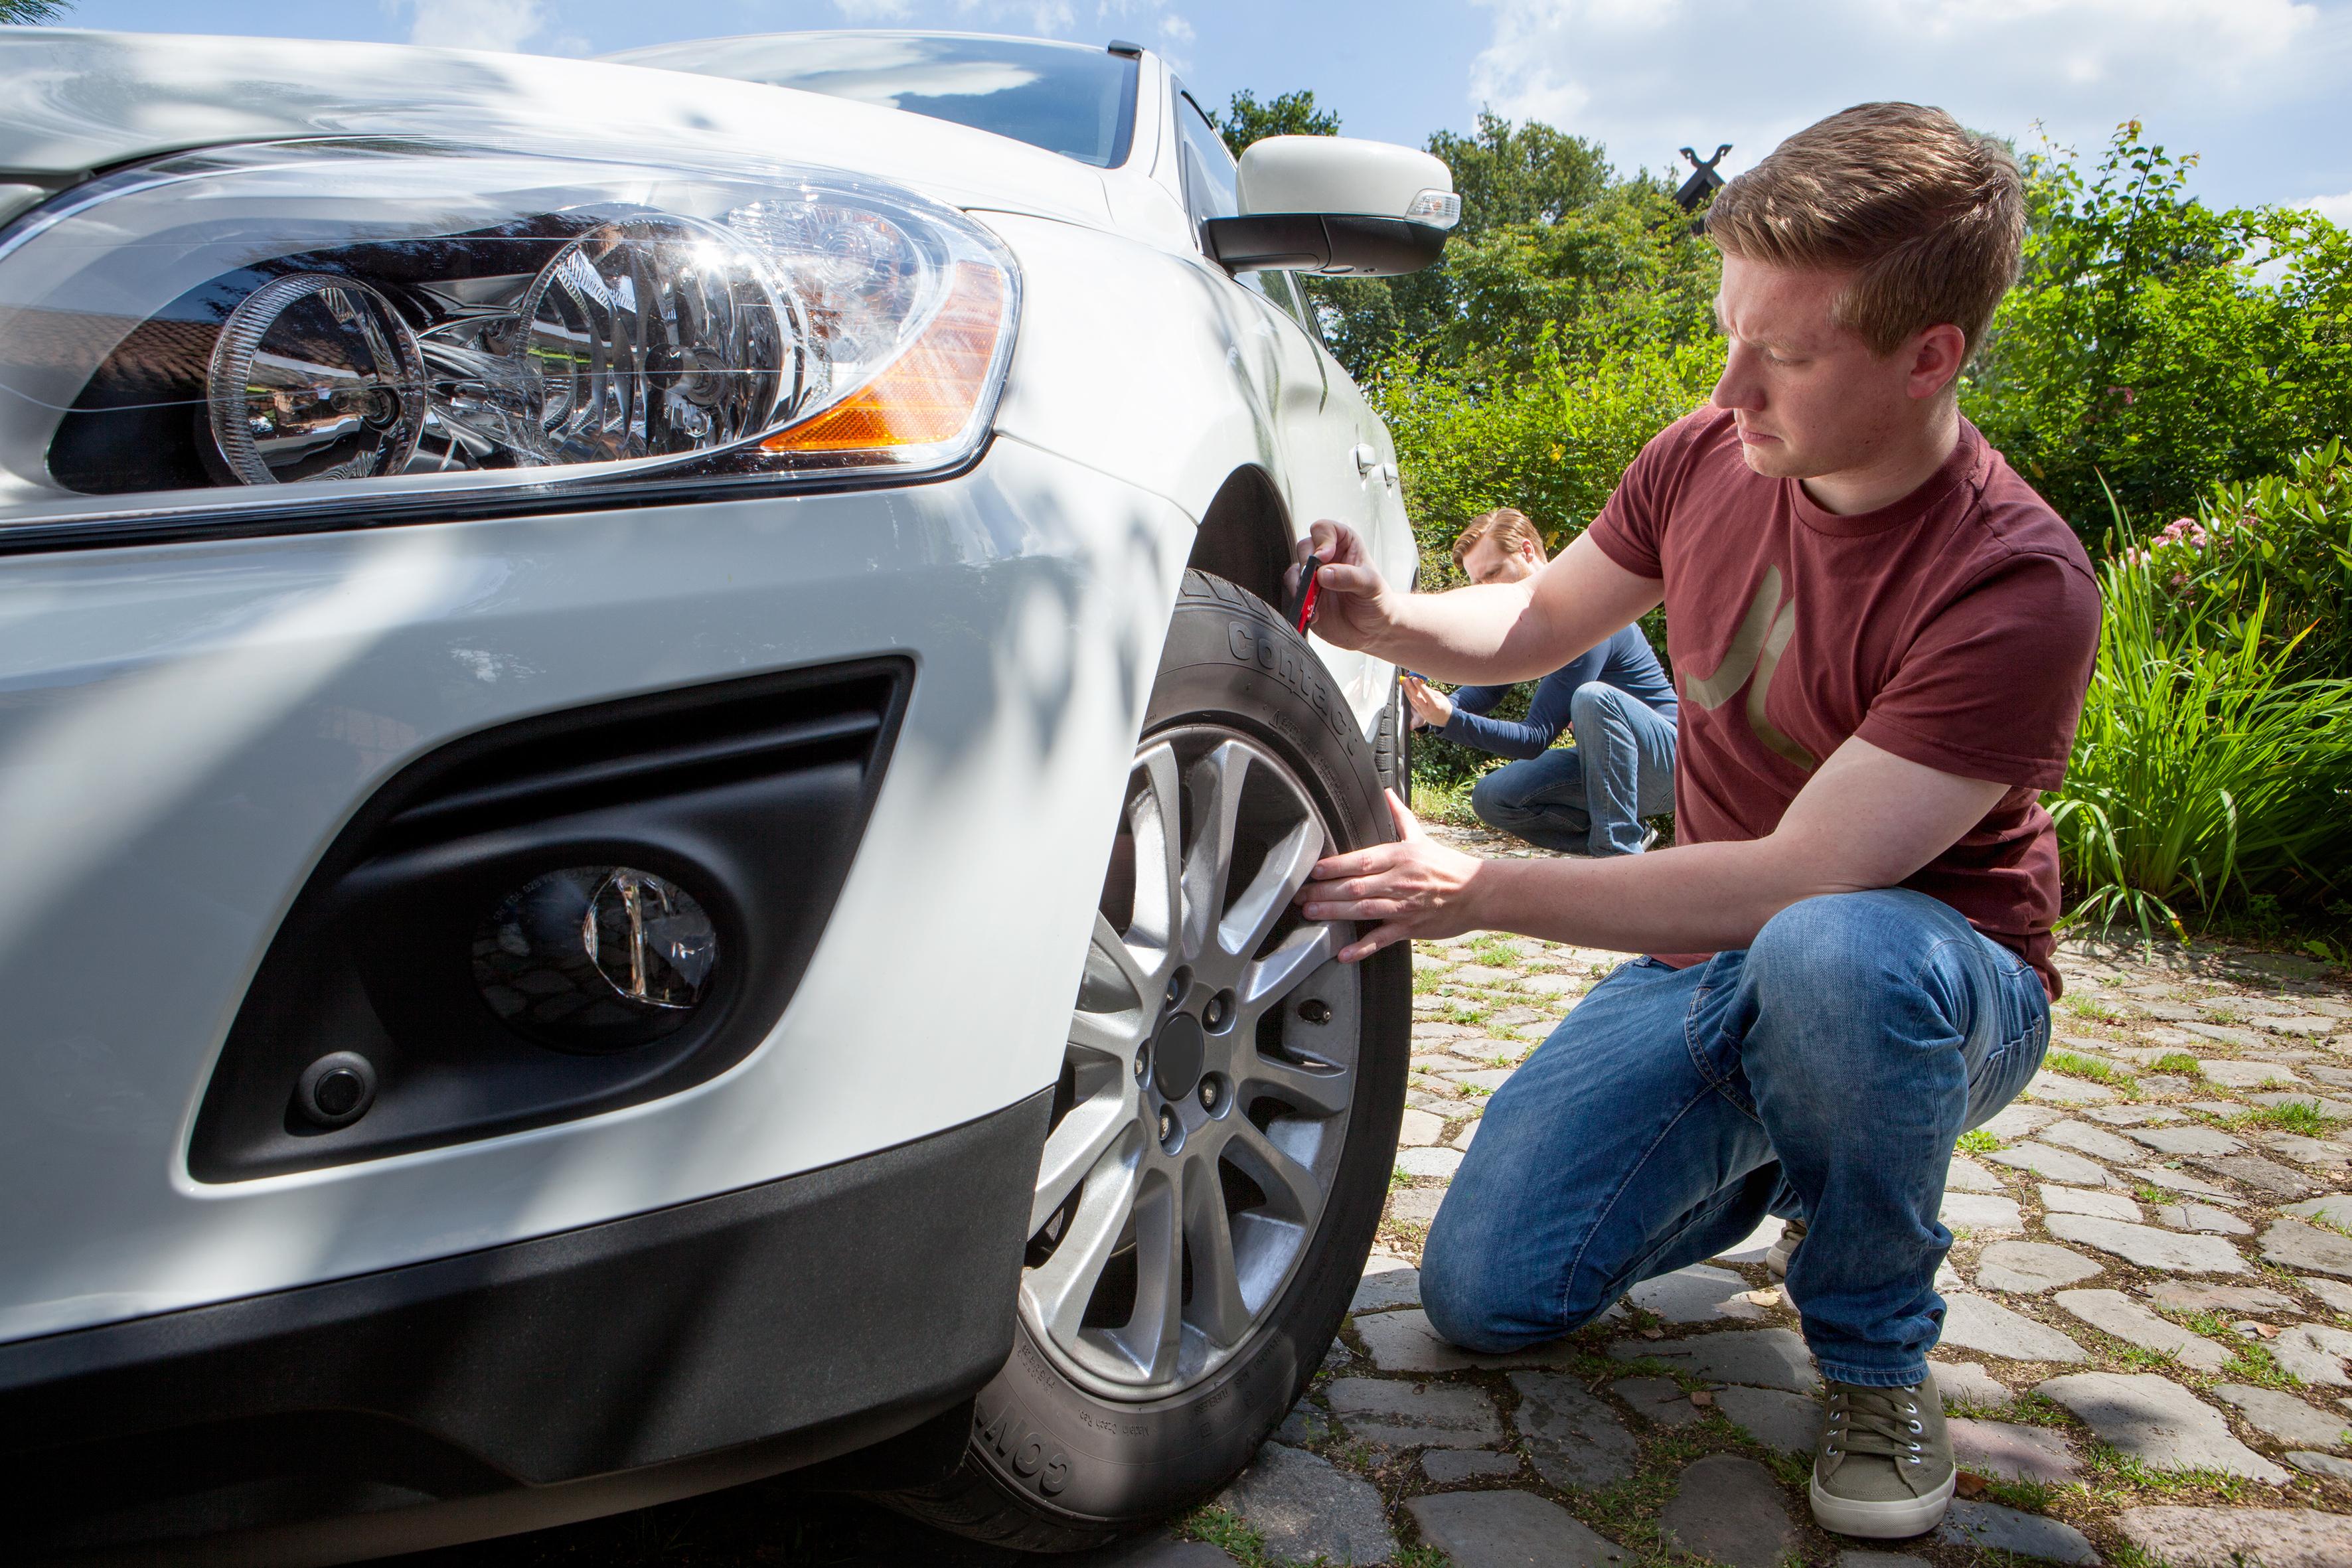 Gommadiretto.it consiglia di effettuare un tempestivo controllo del veicolo e degli pneumatici in concomitanza con la stagione del cambio delle gomme. (Foto: Business Wire)